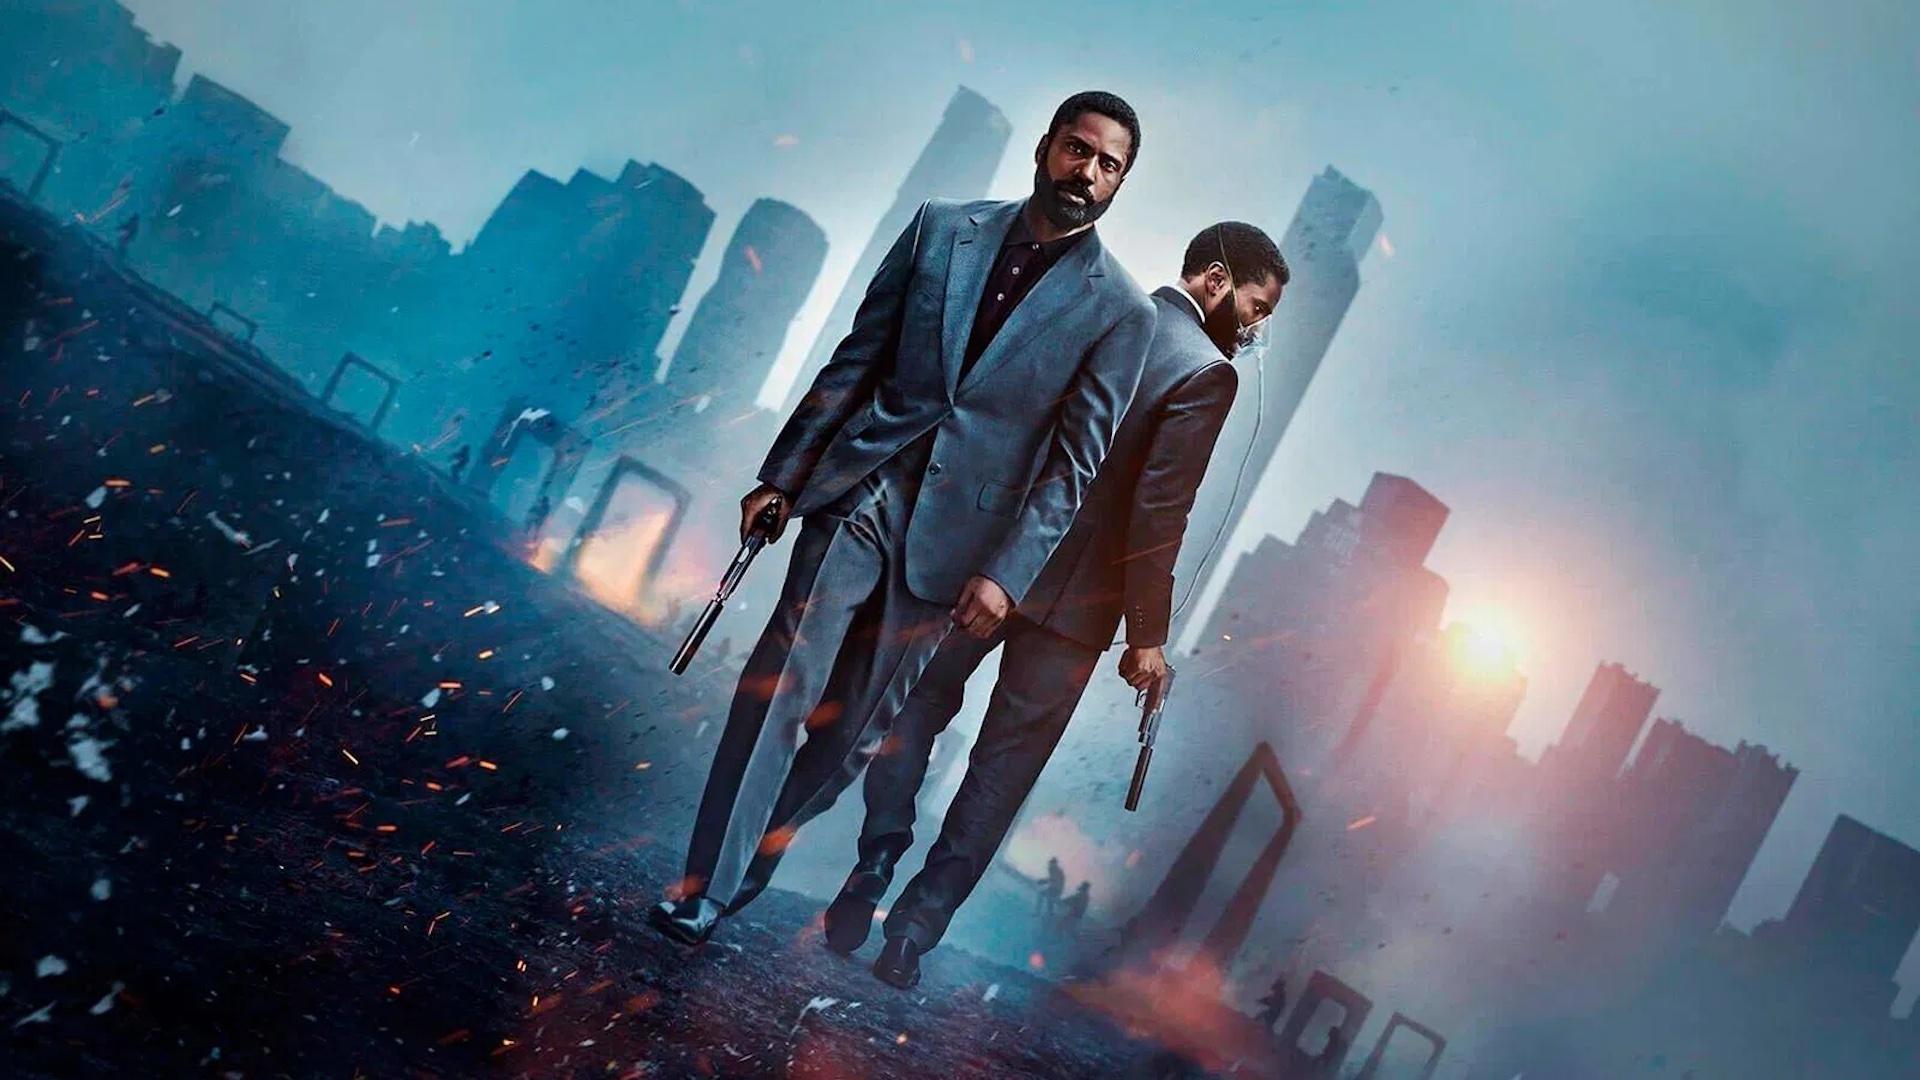 ¿Qué hay para ver en HBO Max? Estrena Tenet de Christopher Nolan